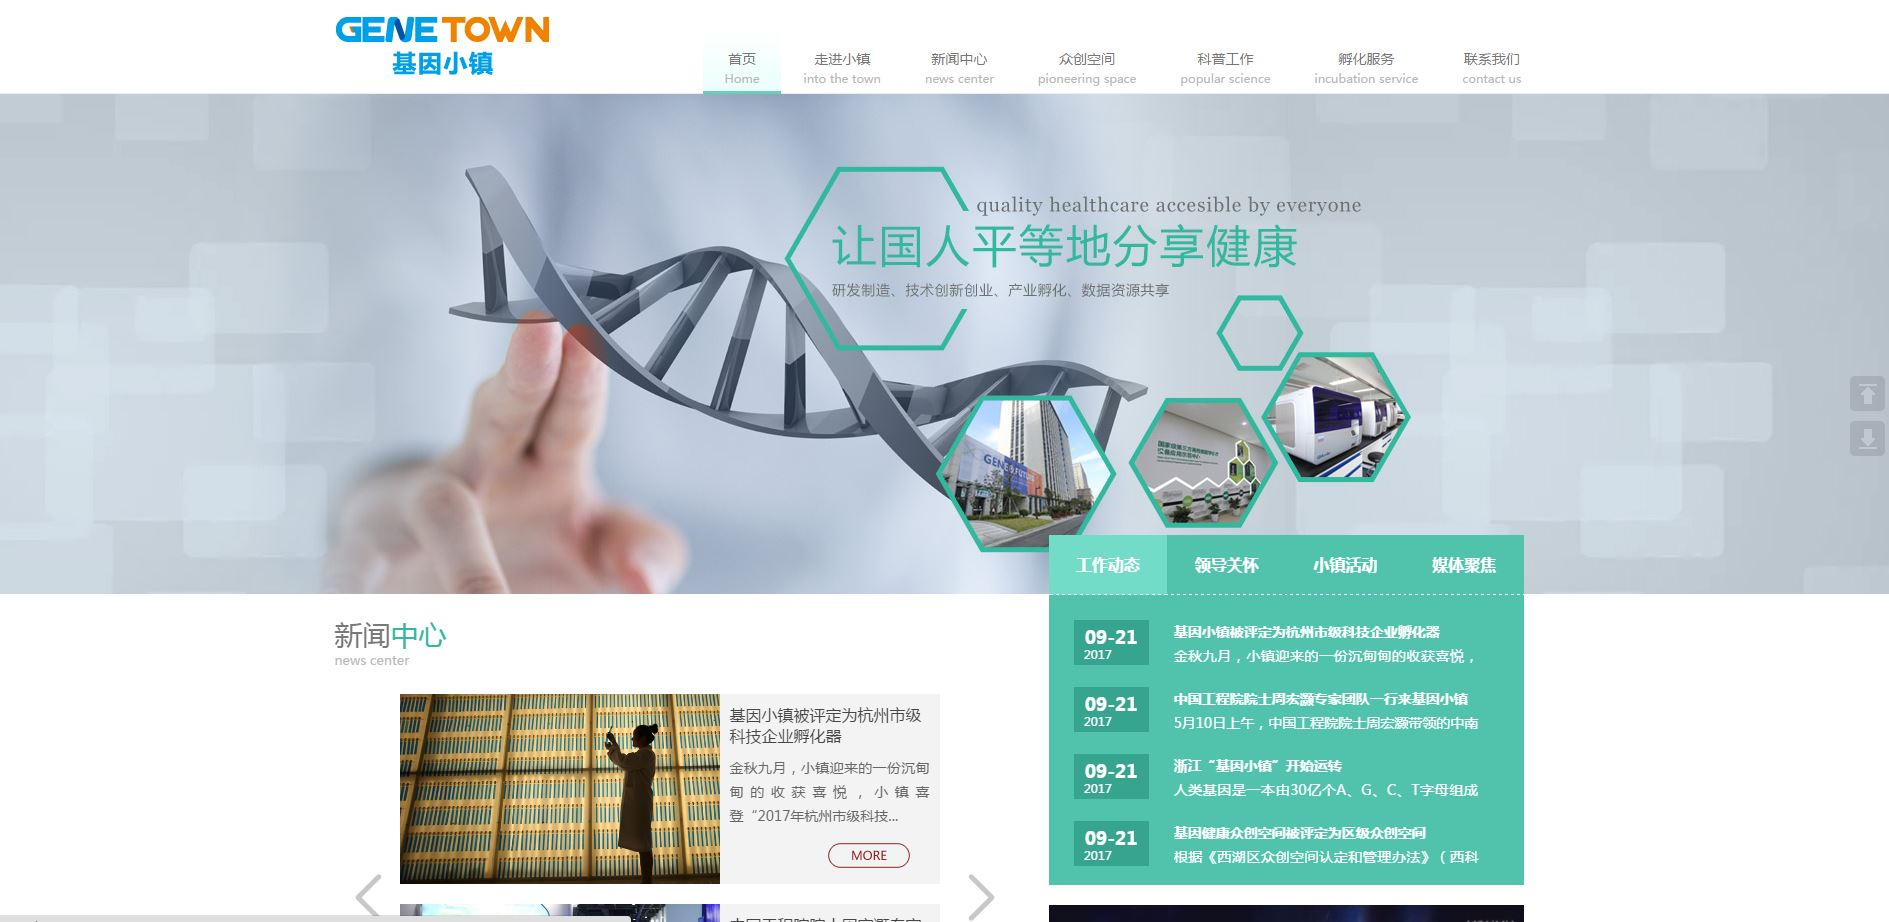 医疗网站公司企业网站网页定制设计开发制作建设电脑手机前端后台